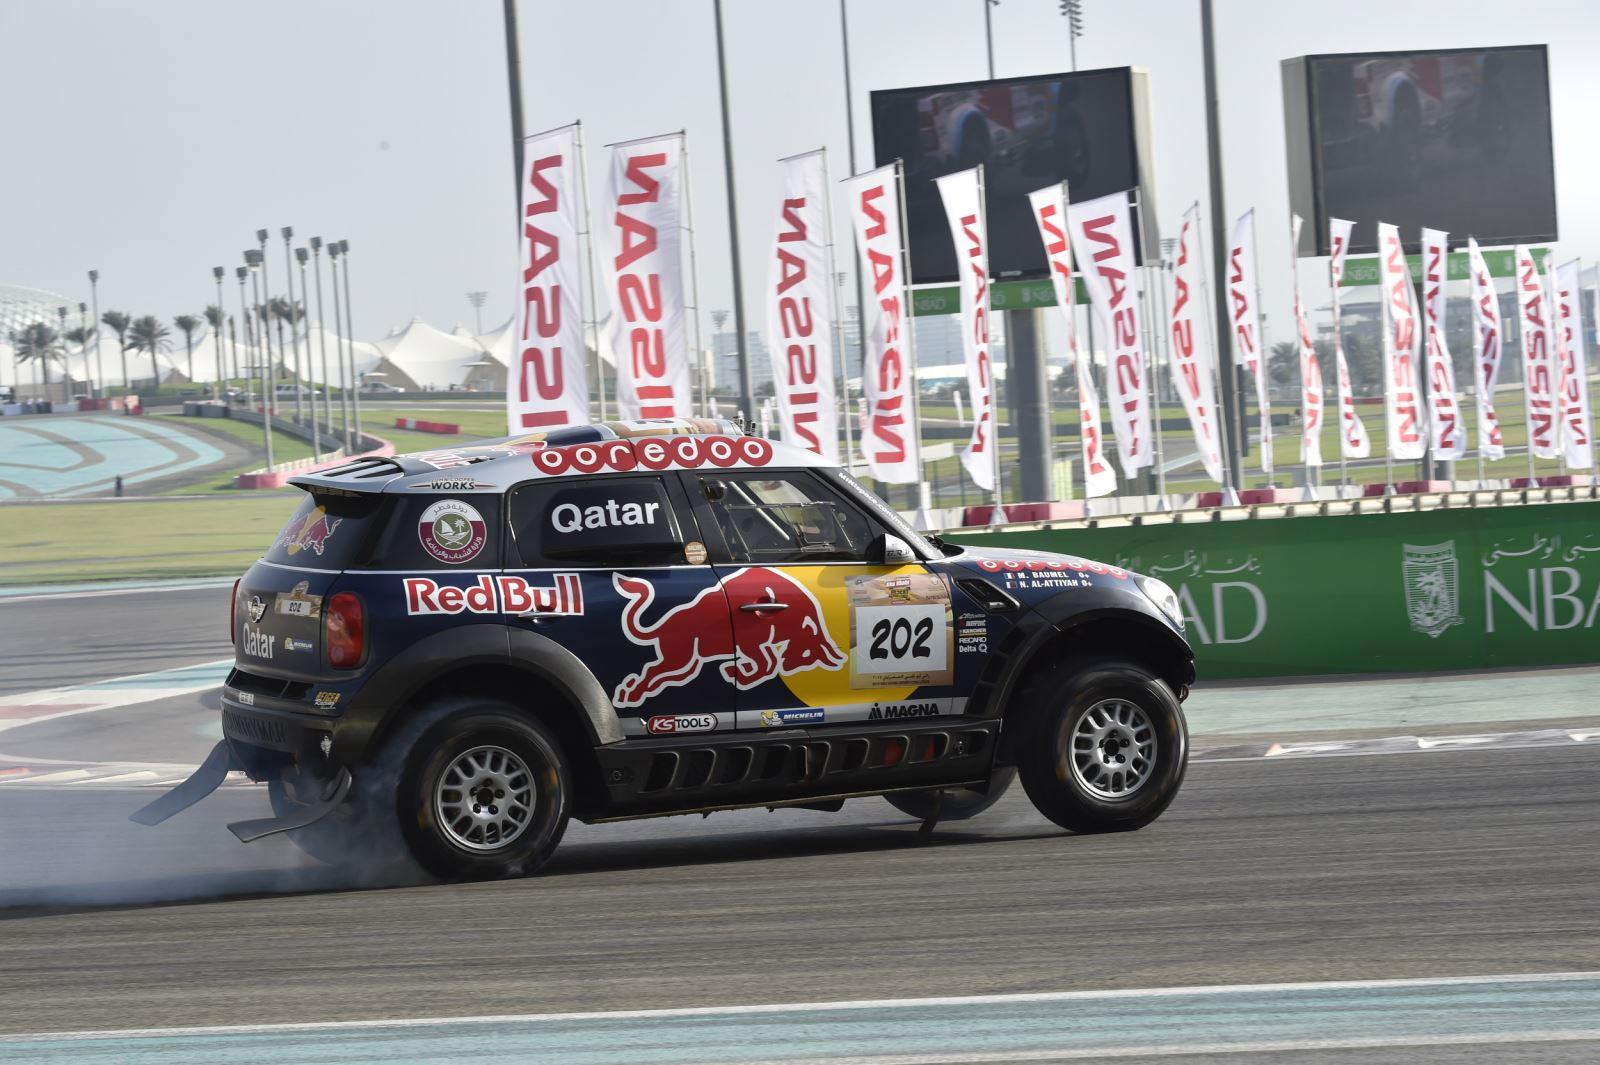 Ралли-рейды: гонка в Абу-Даби — журнал За рулем